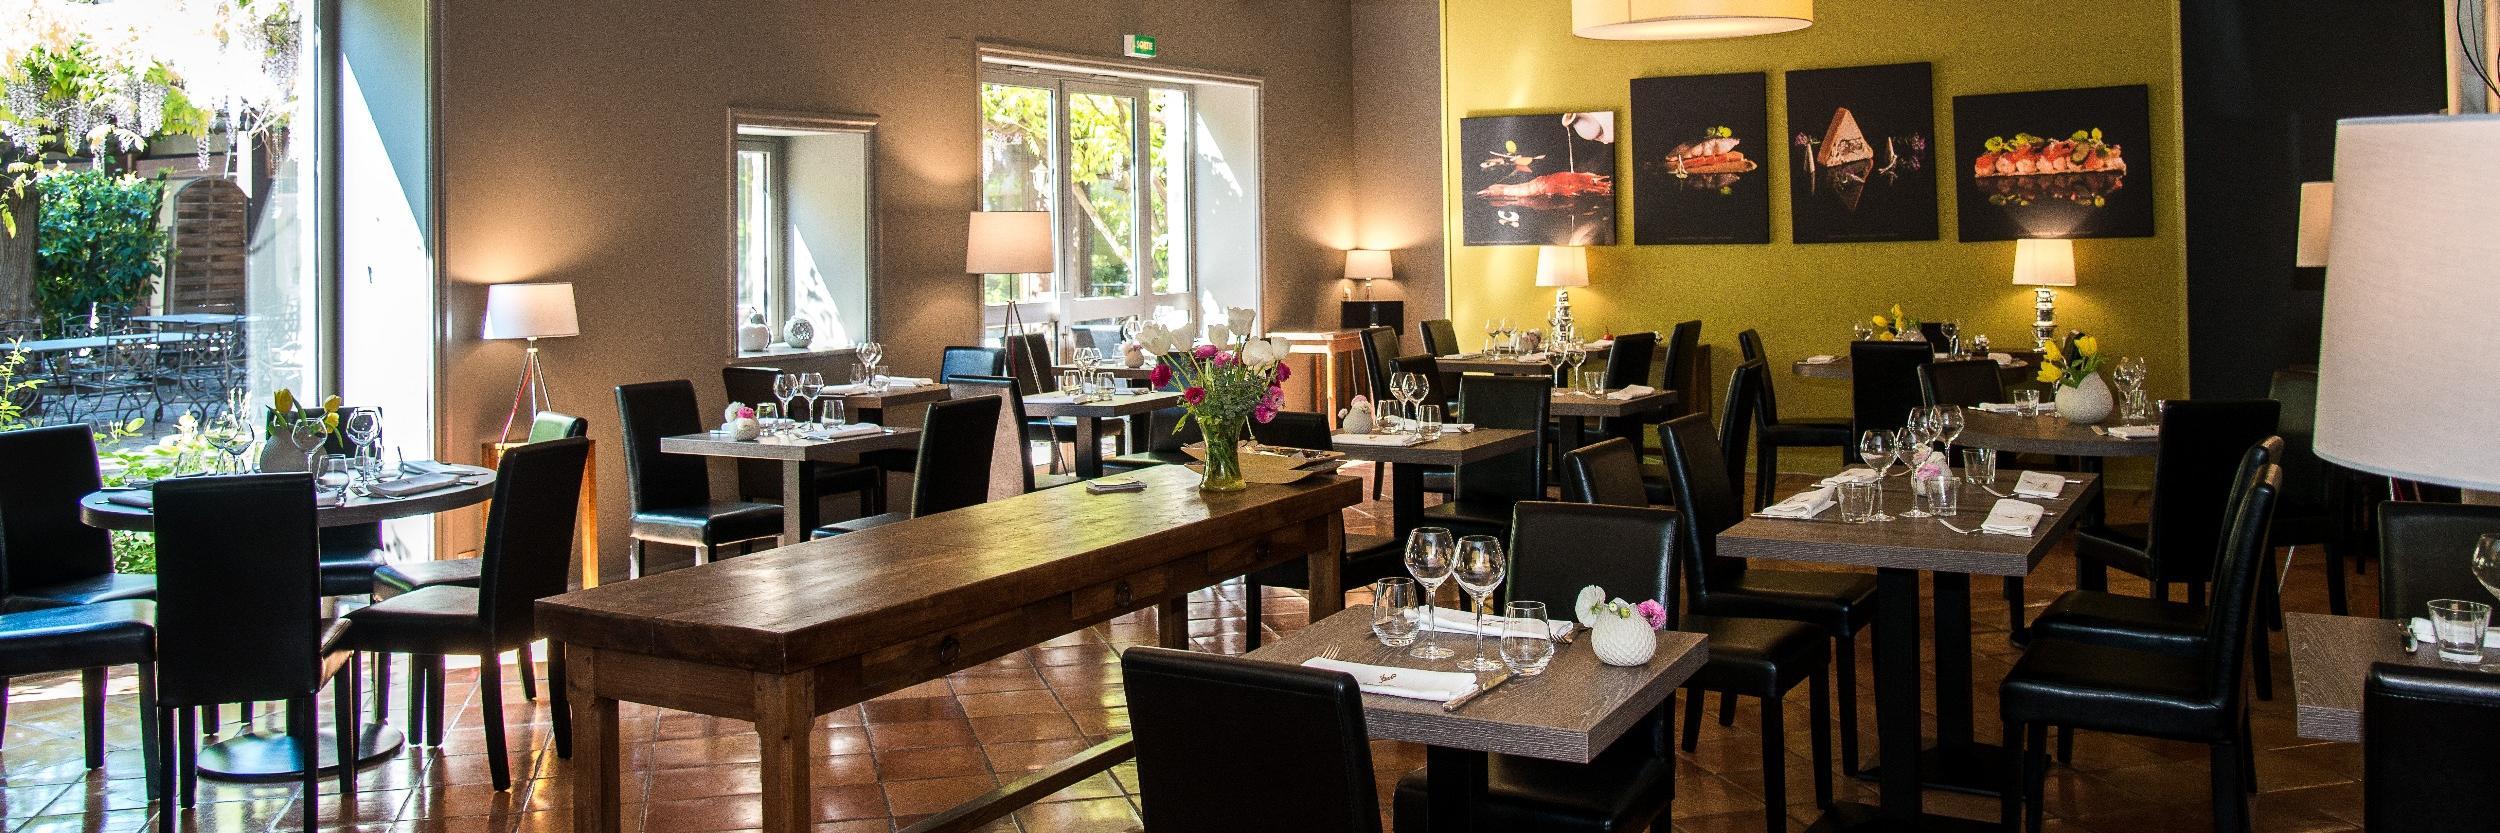 Salle De Bain Villefranche Sur Saone ~ logis restaurant hostellerie la ferme du poulet restaurant